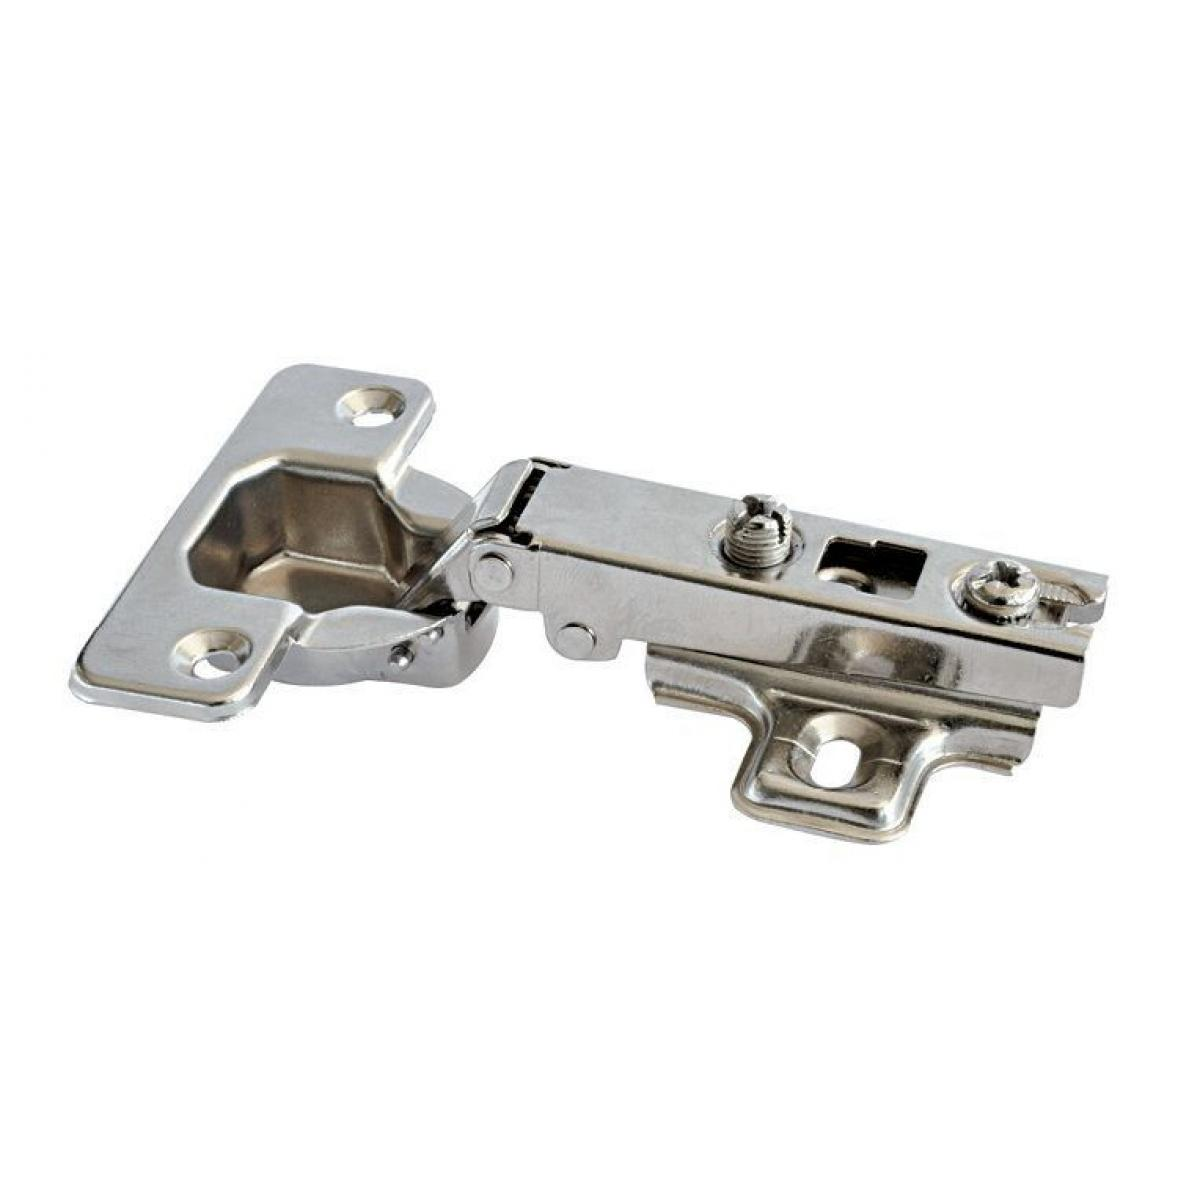 Петля 305 Slide-On D35мм для накл. дверей с м.планкой H2мм